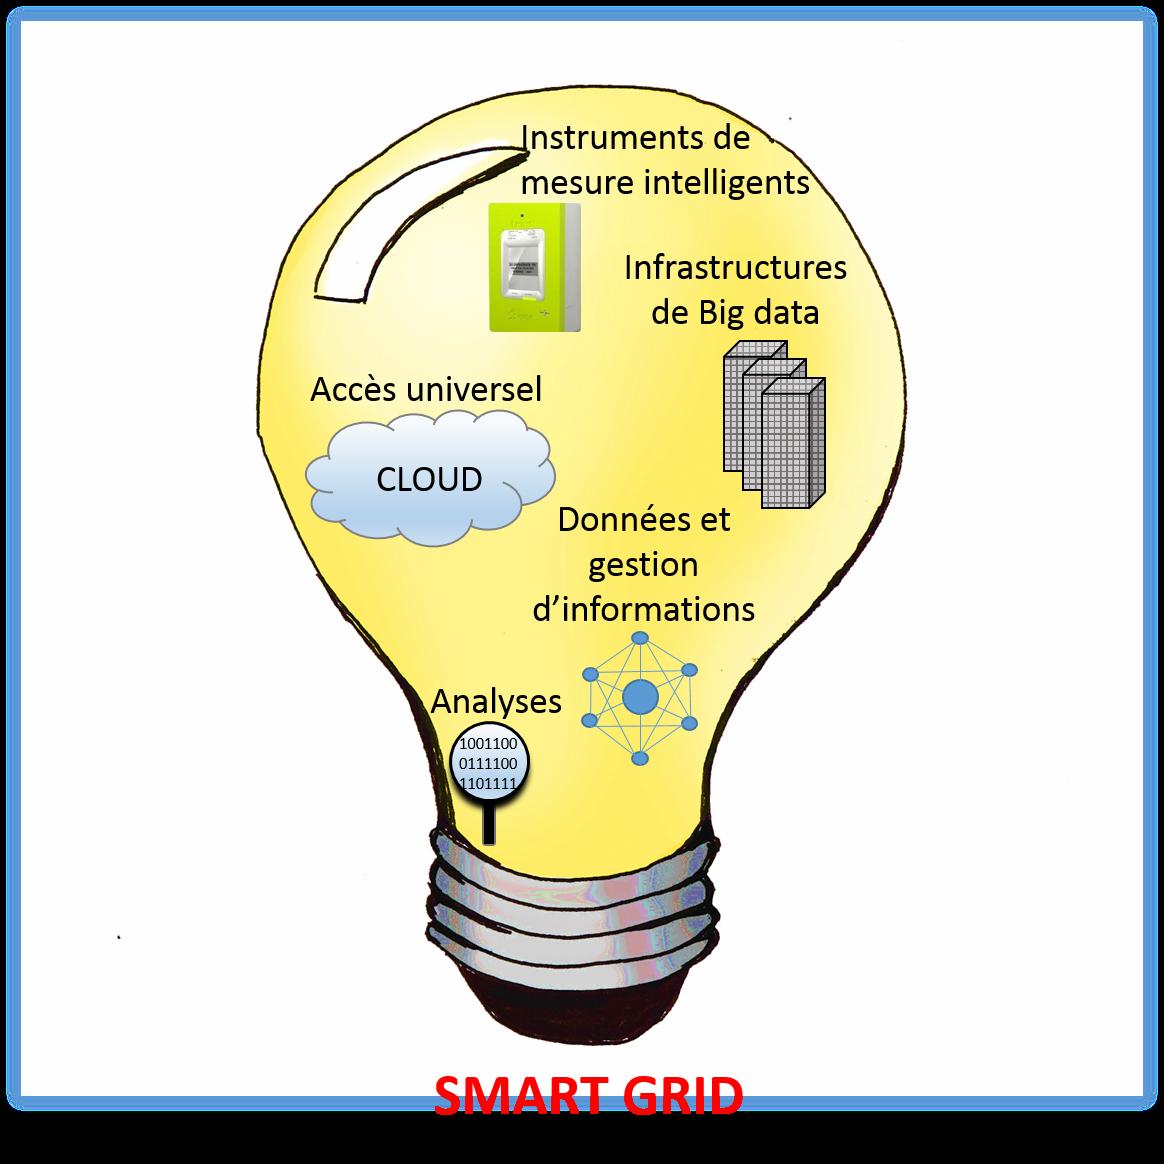 Les smart grids, l'évolution du réseau électrique pour la transition énergétique